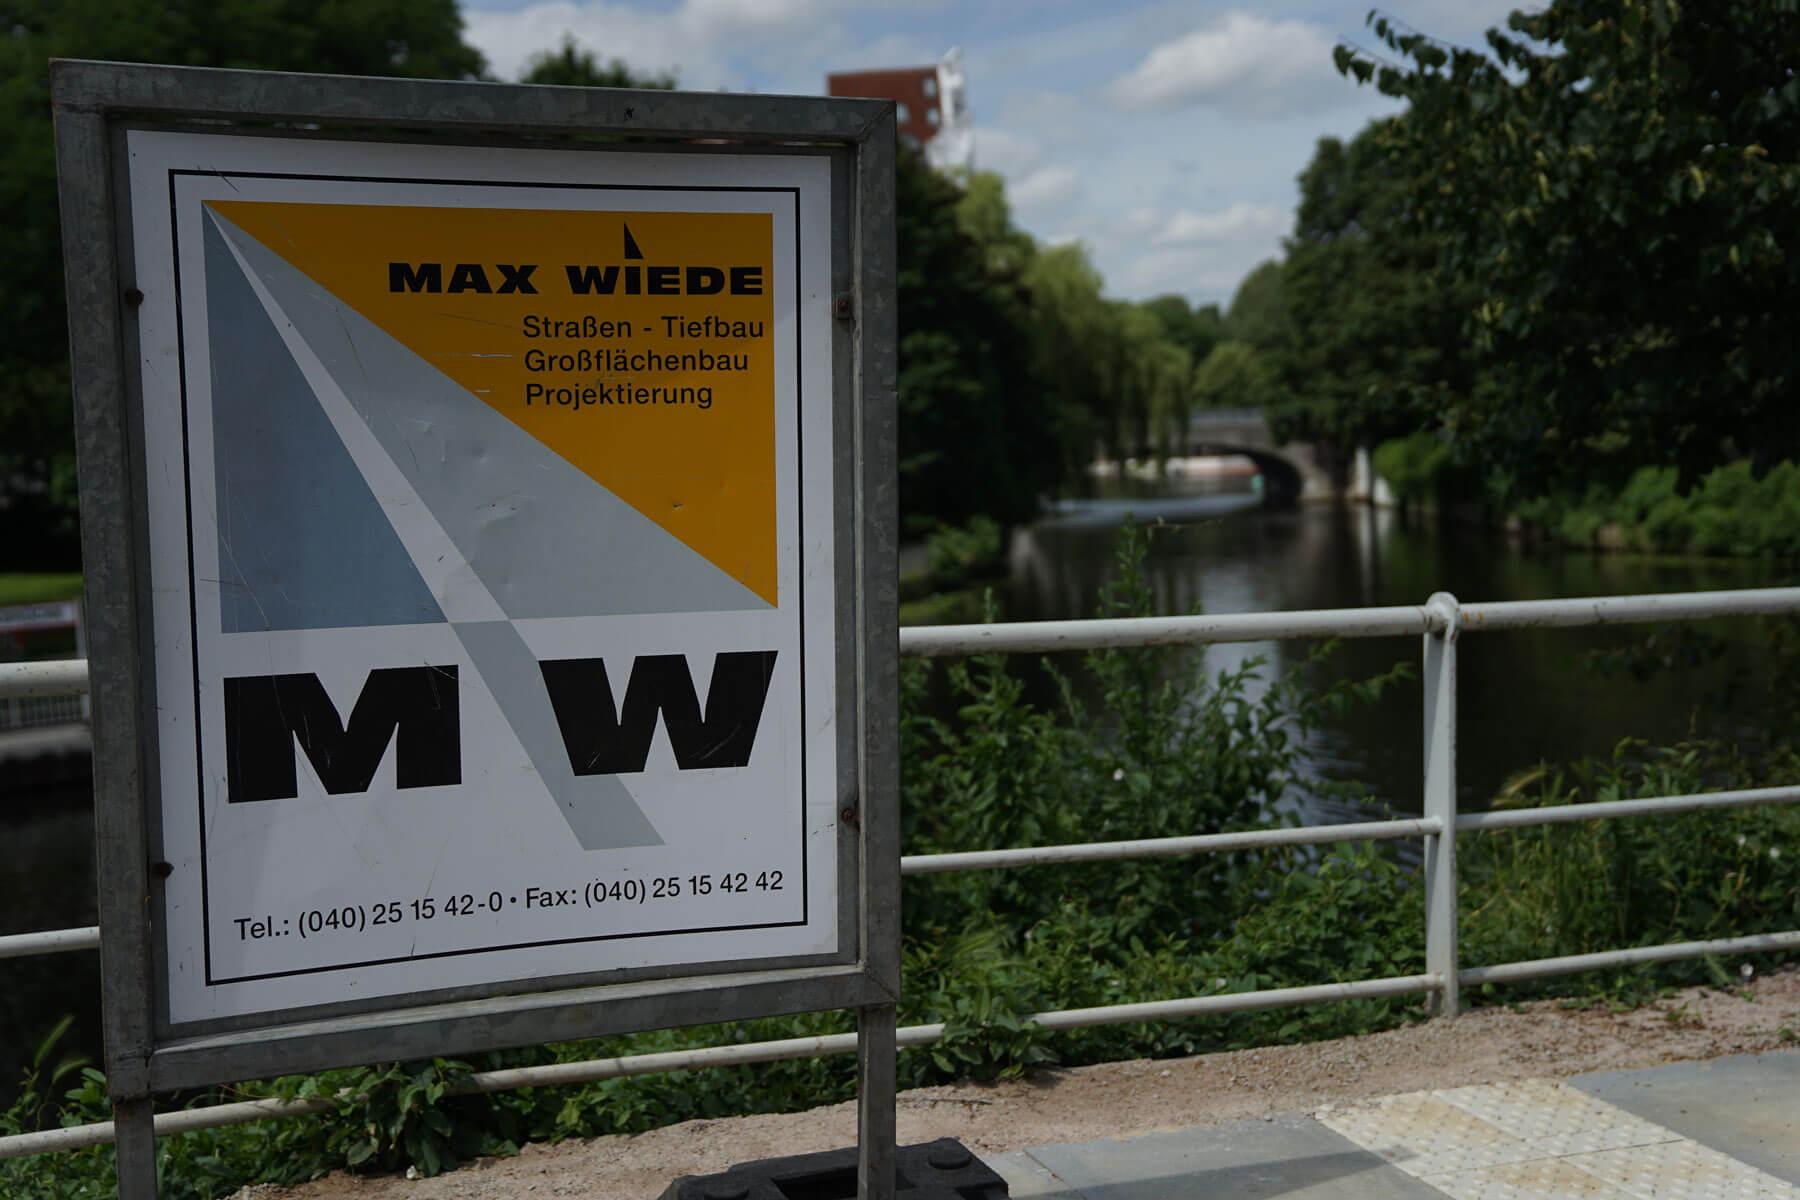 Werbeplakat für Max Wiede auf einer Brücke